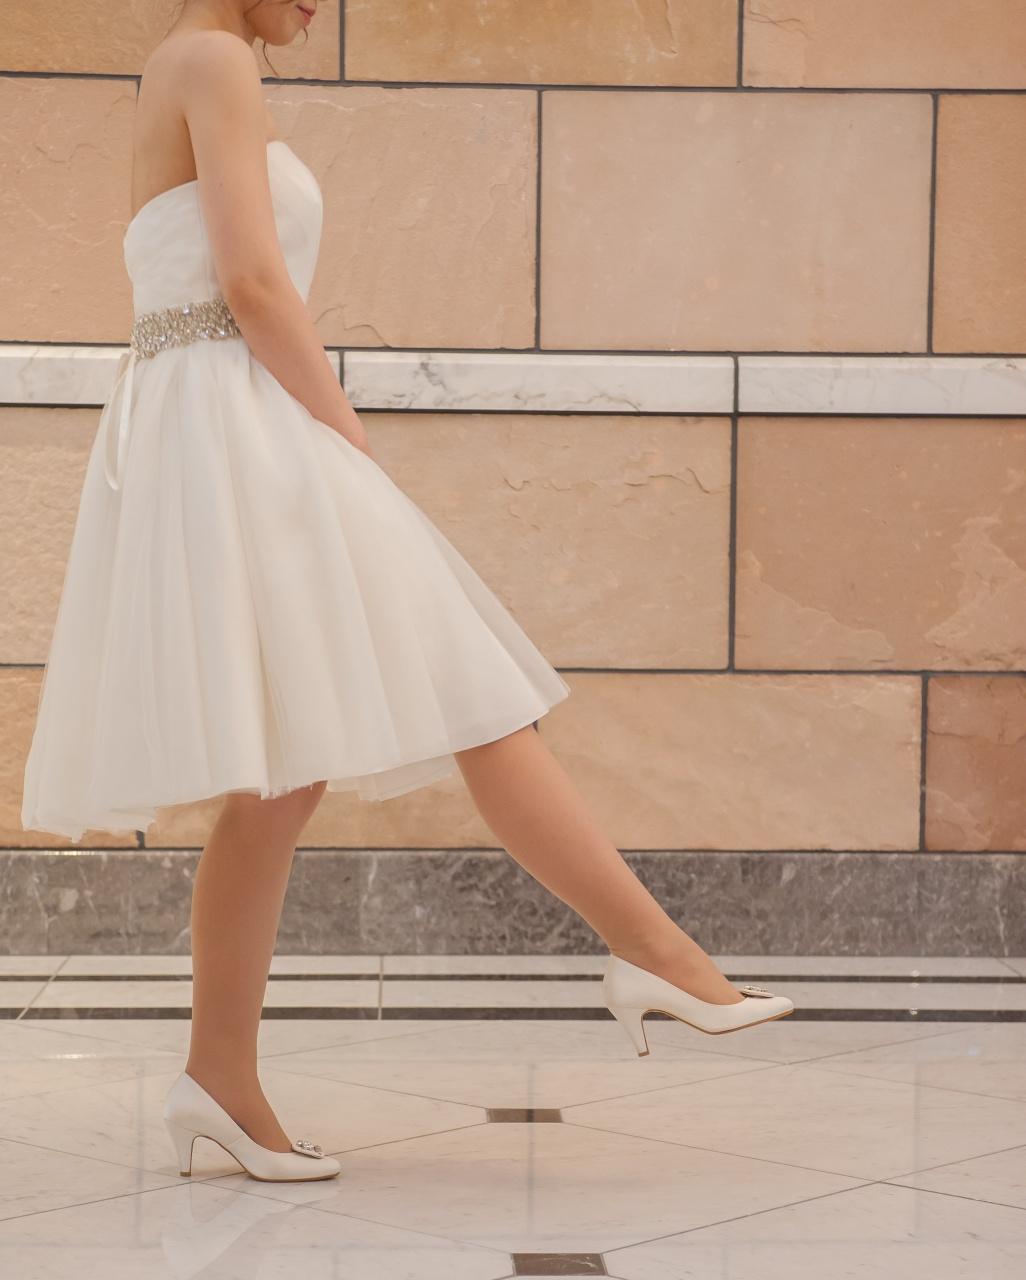 ドレス 歩き方 正解 蹴り方 ホワイト ウェディング ブライダル 足 足元 花嫁 キレイな歩き方 プレ花 プレ花嫁 大切 ポイント